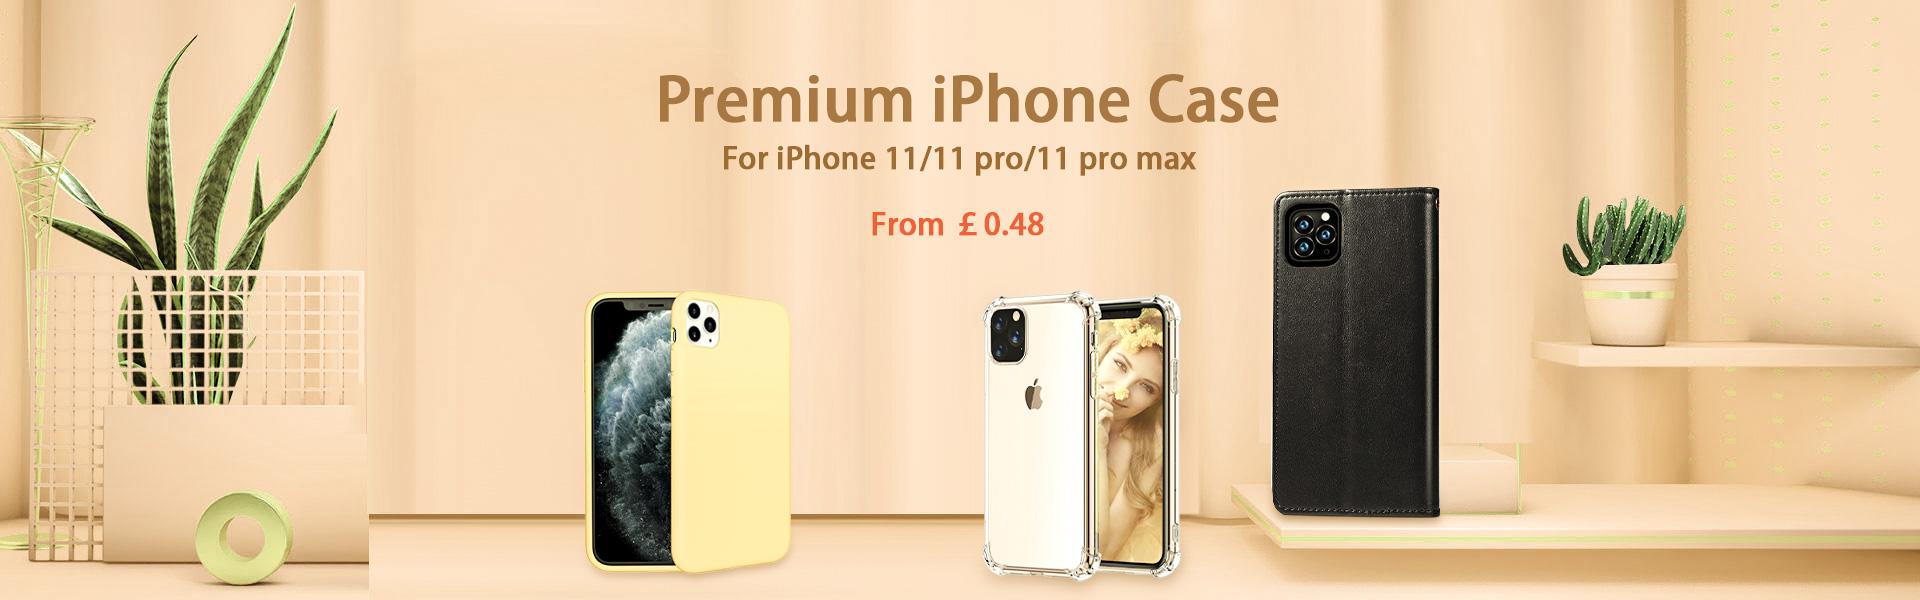 Premium iPhone 11 Case